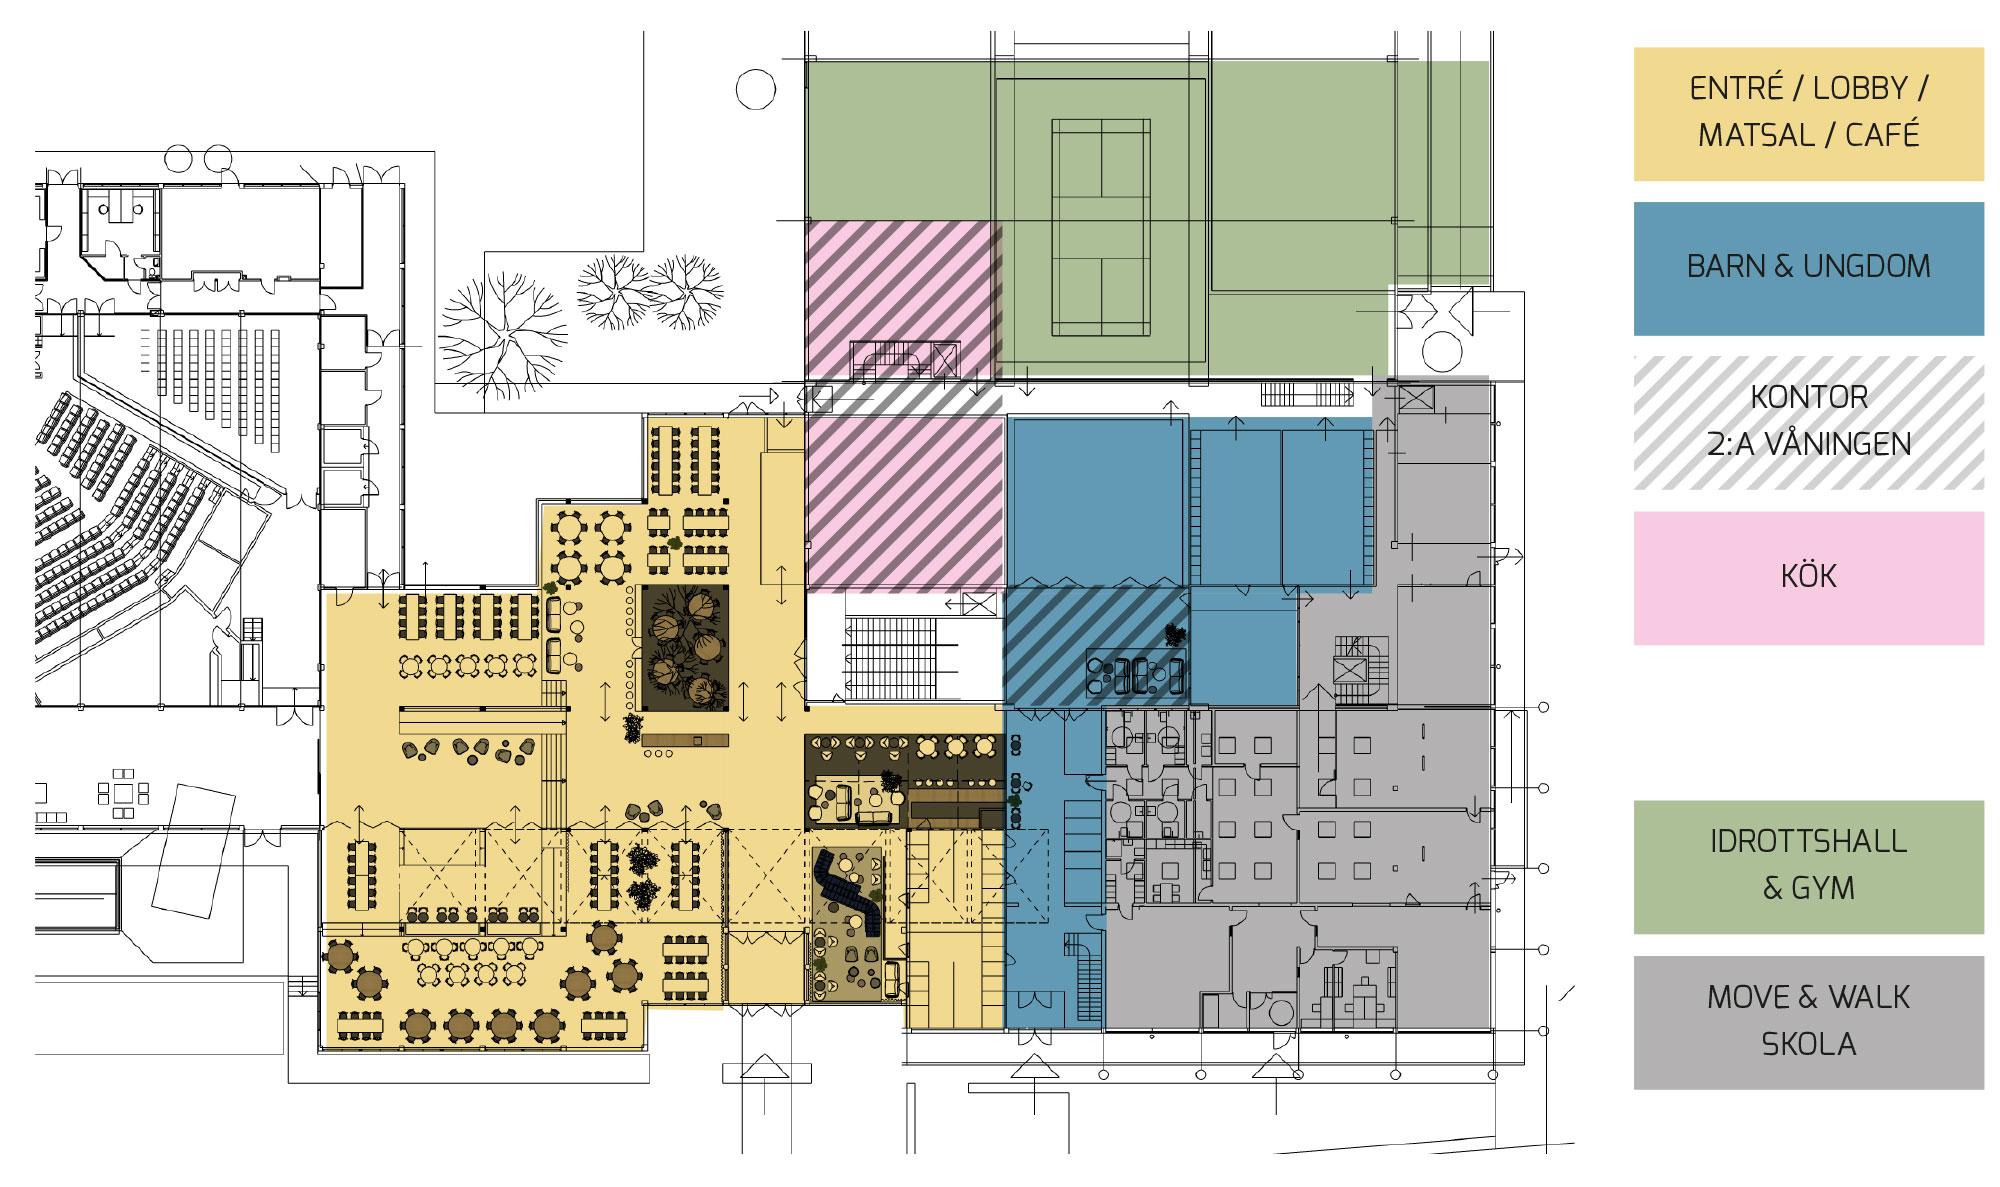 Ombyggnadsplaner för församlingens lokaler